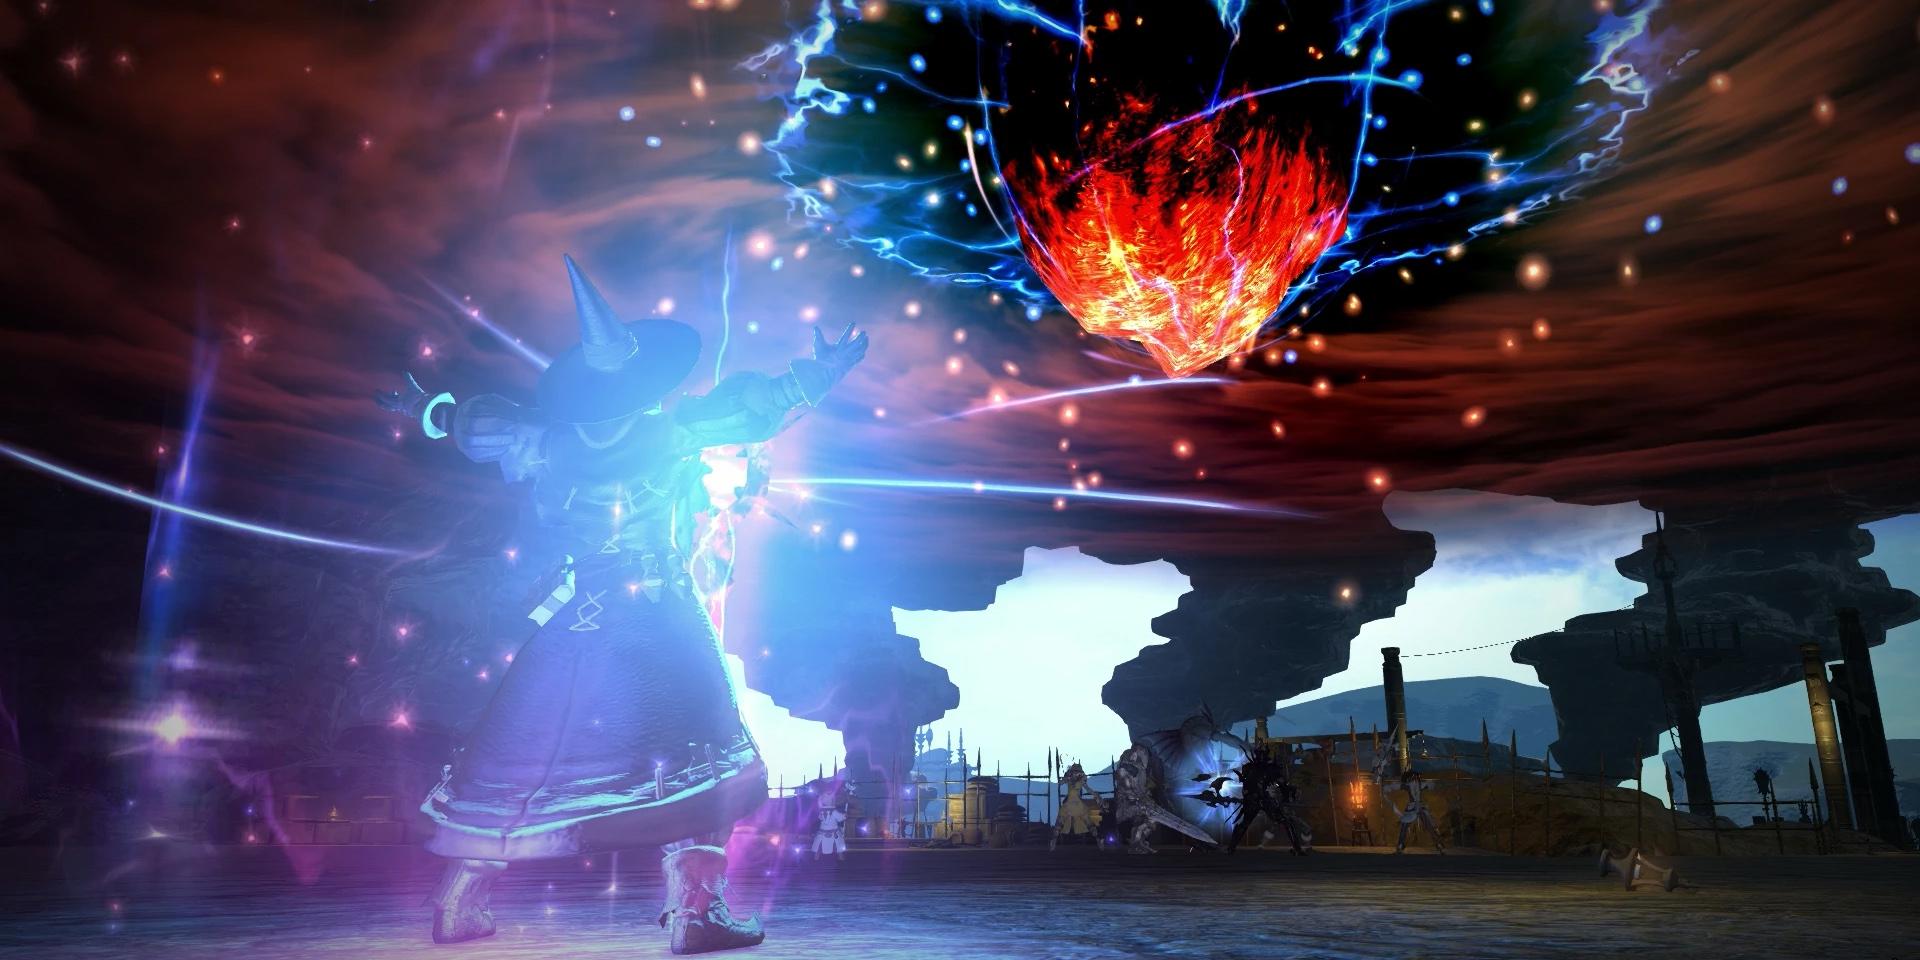 Final Fantasy XIV: Limit Break